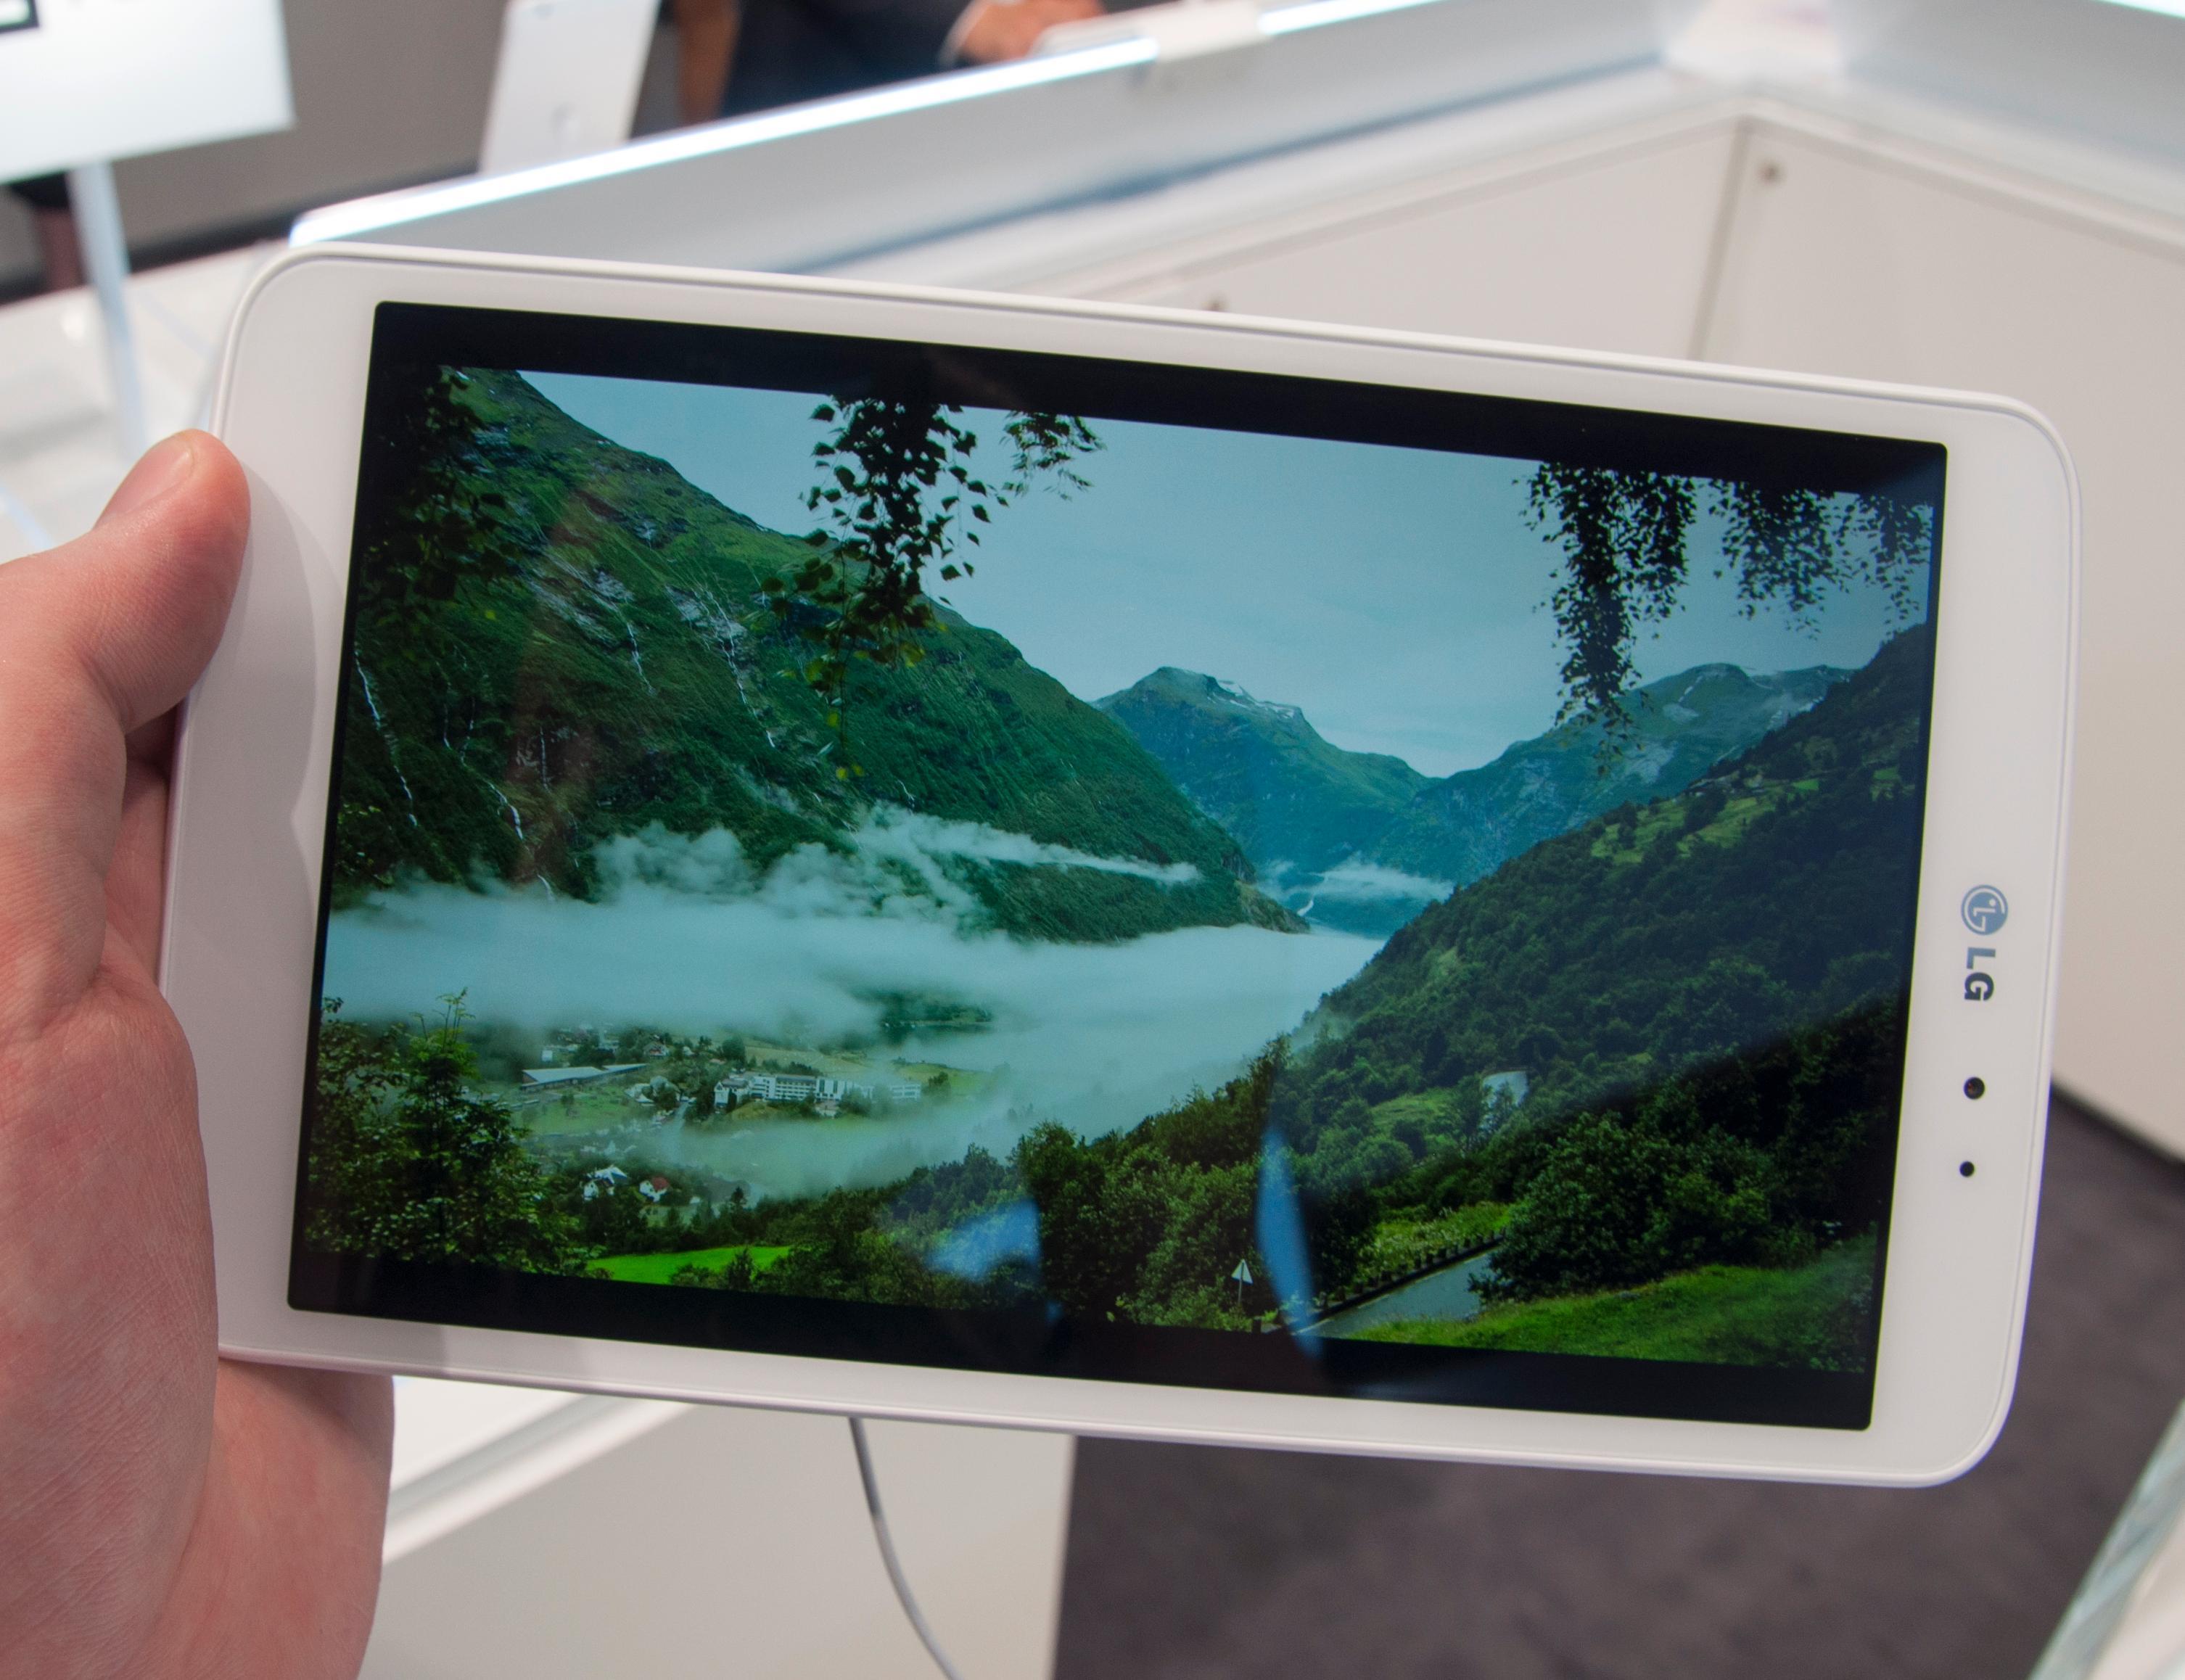 Høyoppløst video tar seg særdeles godt ut på den fine skjermen.Foto: Finn Jarle Kvalheim, Amobil.no